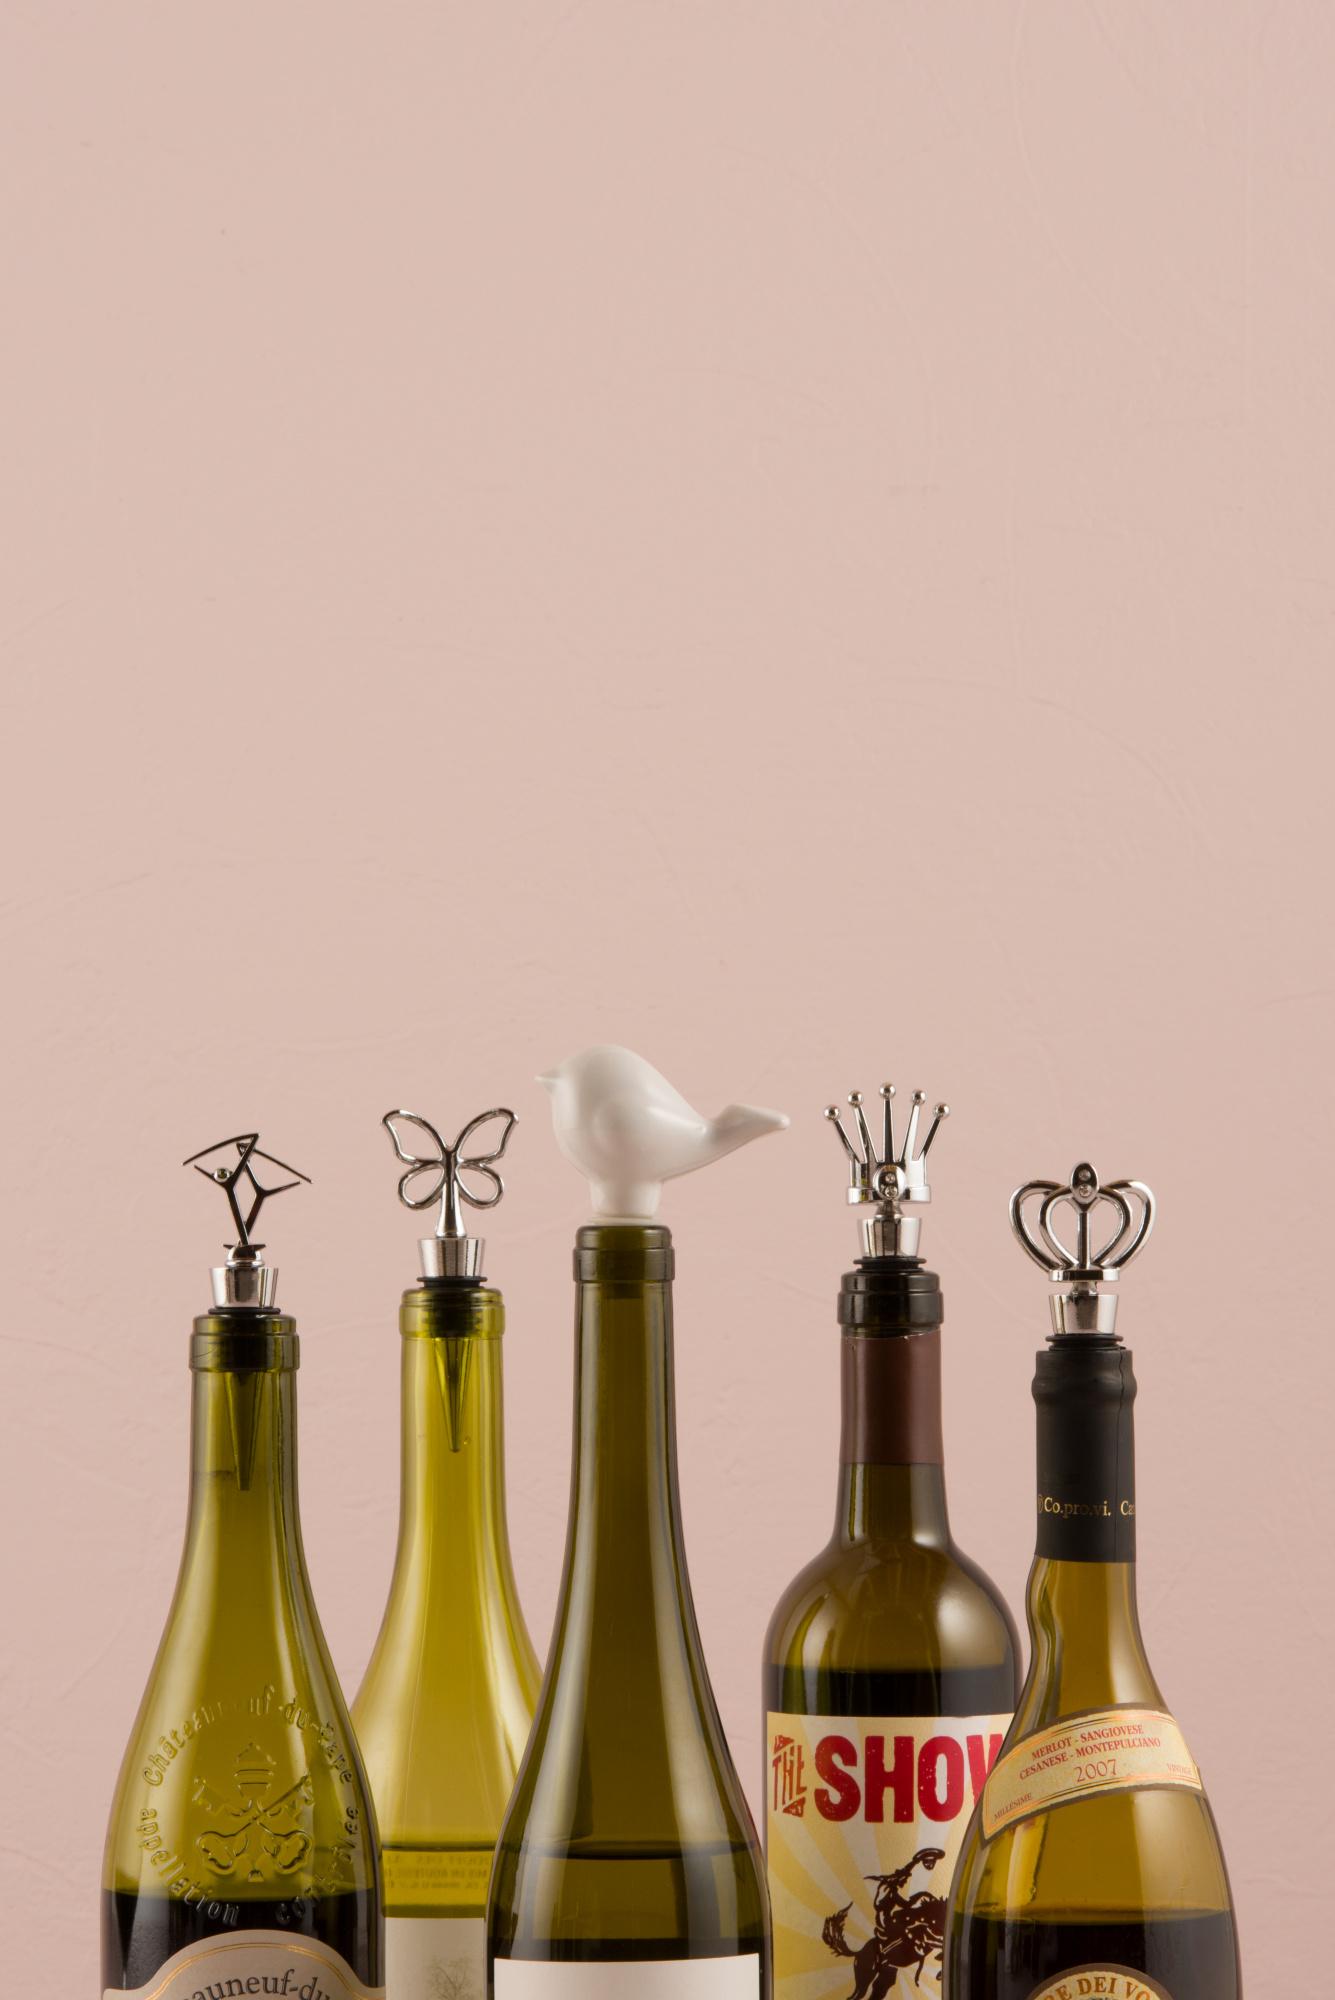 Wine Bottle Stopper Packs of 3 Various Designs | eBay